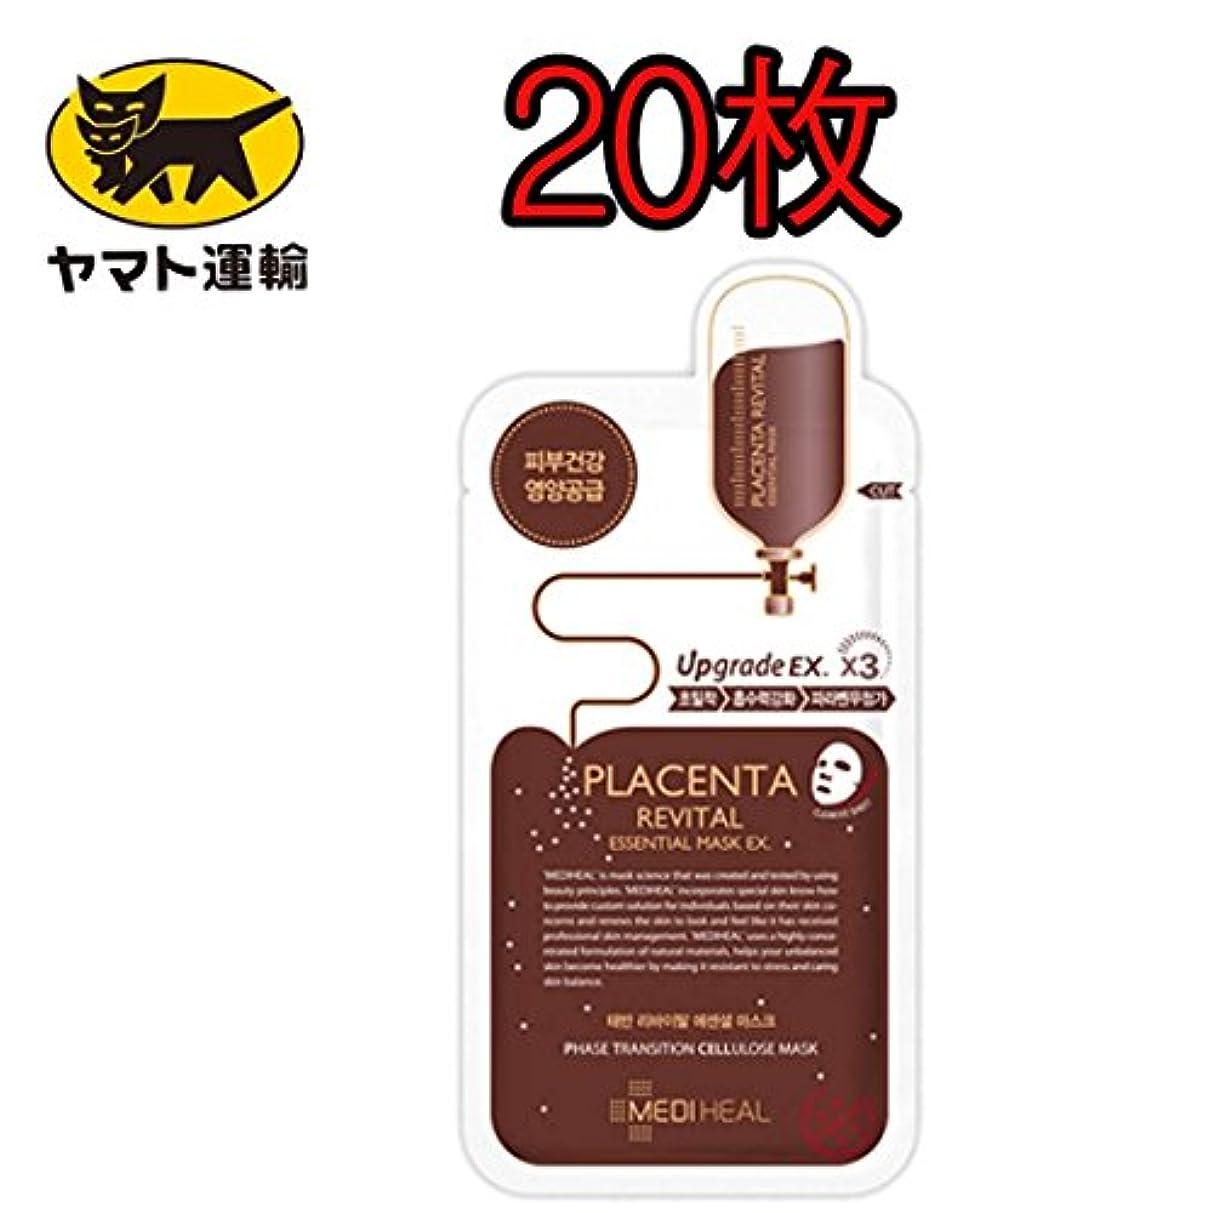 宝聡明メッセージメディヒール [韓国コスメ Mediheal] プラセンタ リバイタル エッセンシャル マスクREX 皮膚健康/栄養供給 (20枚) Upgrade Mediheal Placenta Revital Essential Mask 20 piece. [並行輸入品]